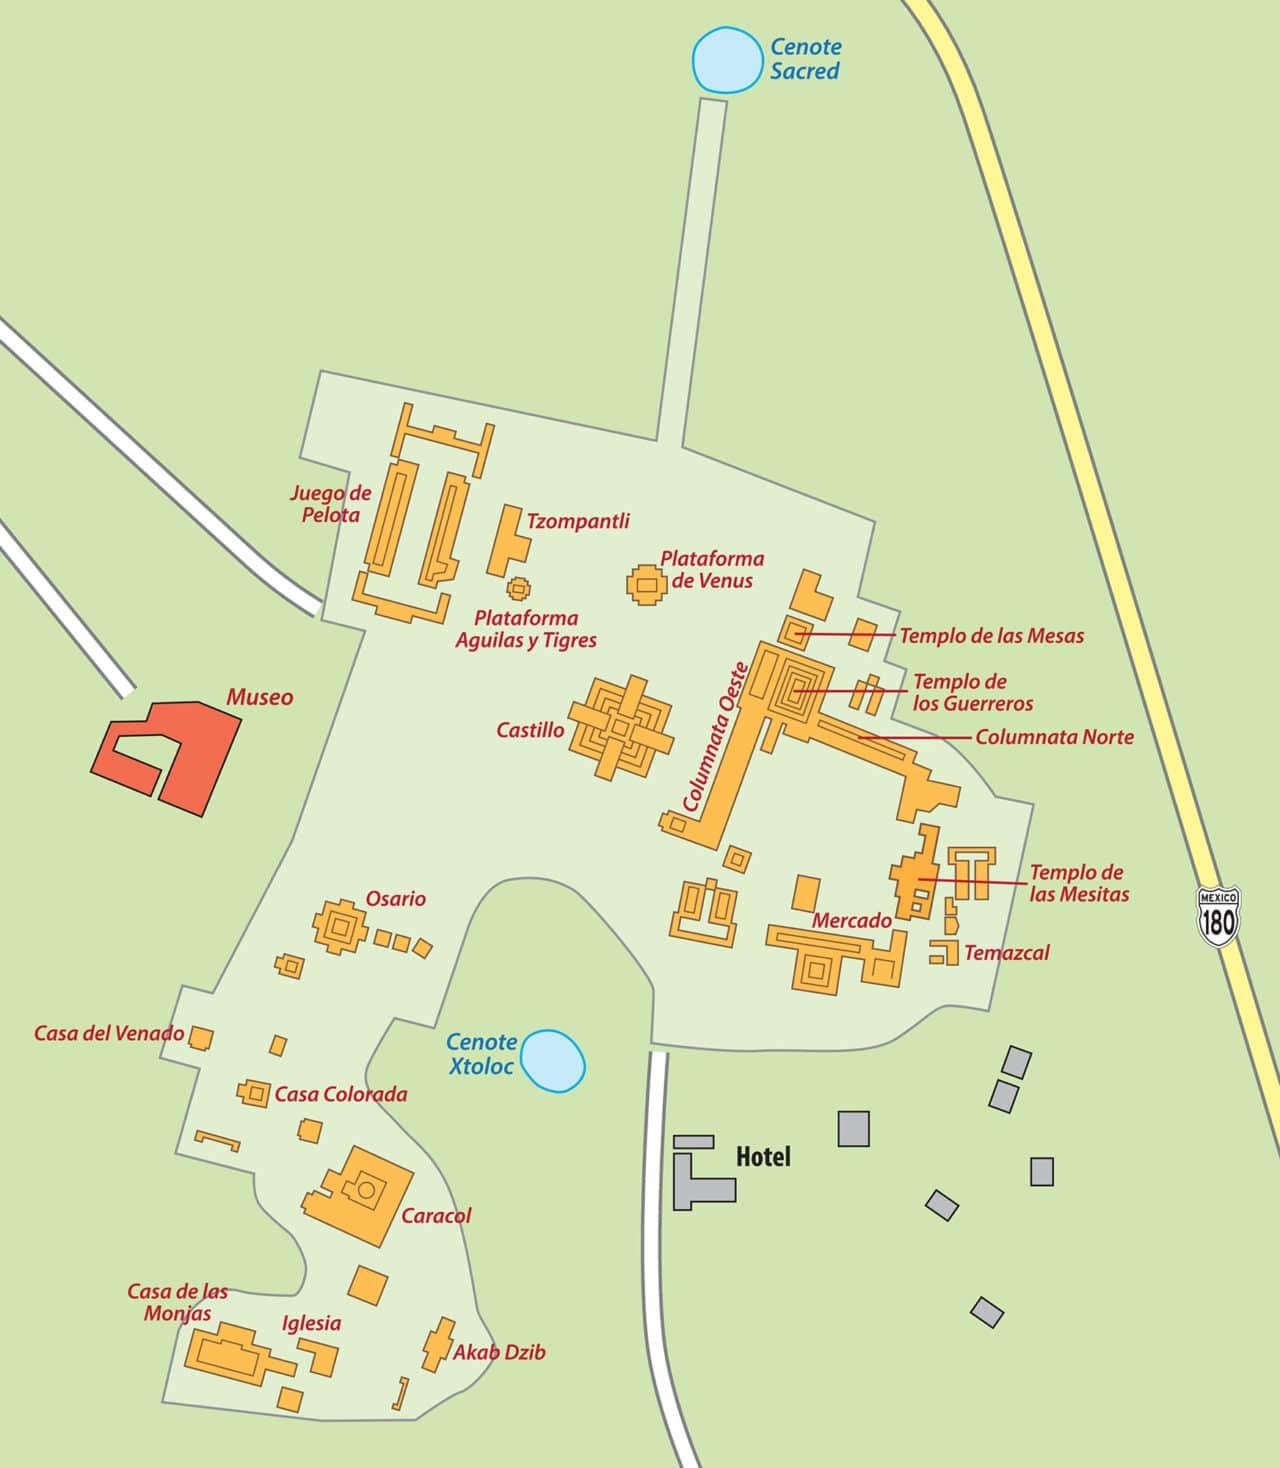 chichen-itza-map ▷ Las ruinas de Chichén Itzá: la maravilla del mundo en México